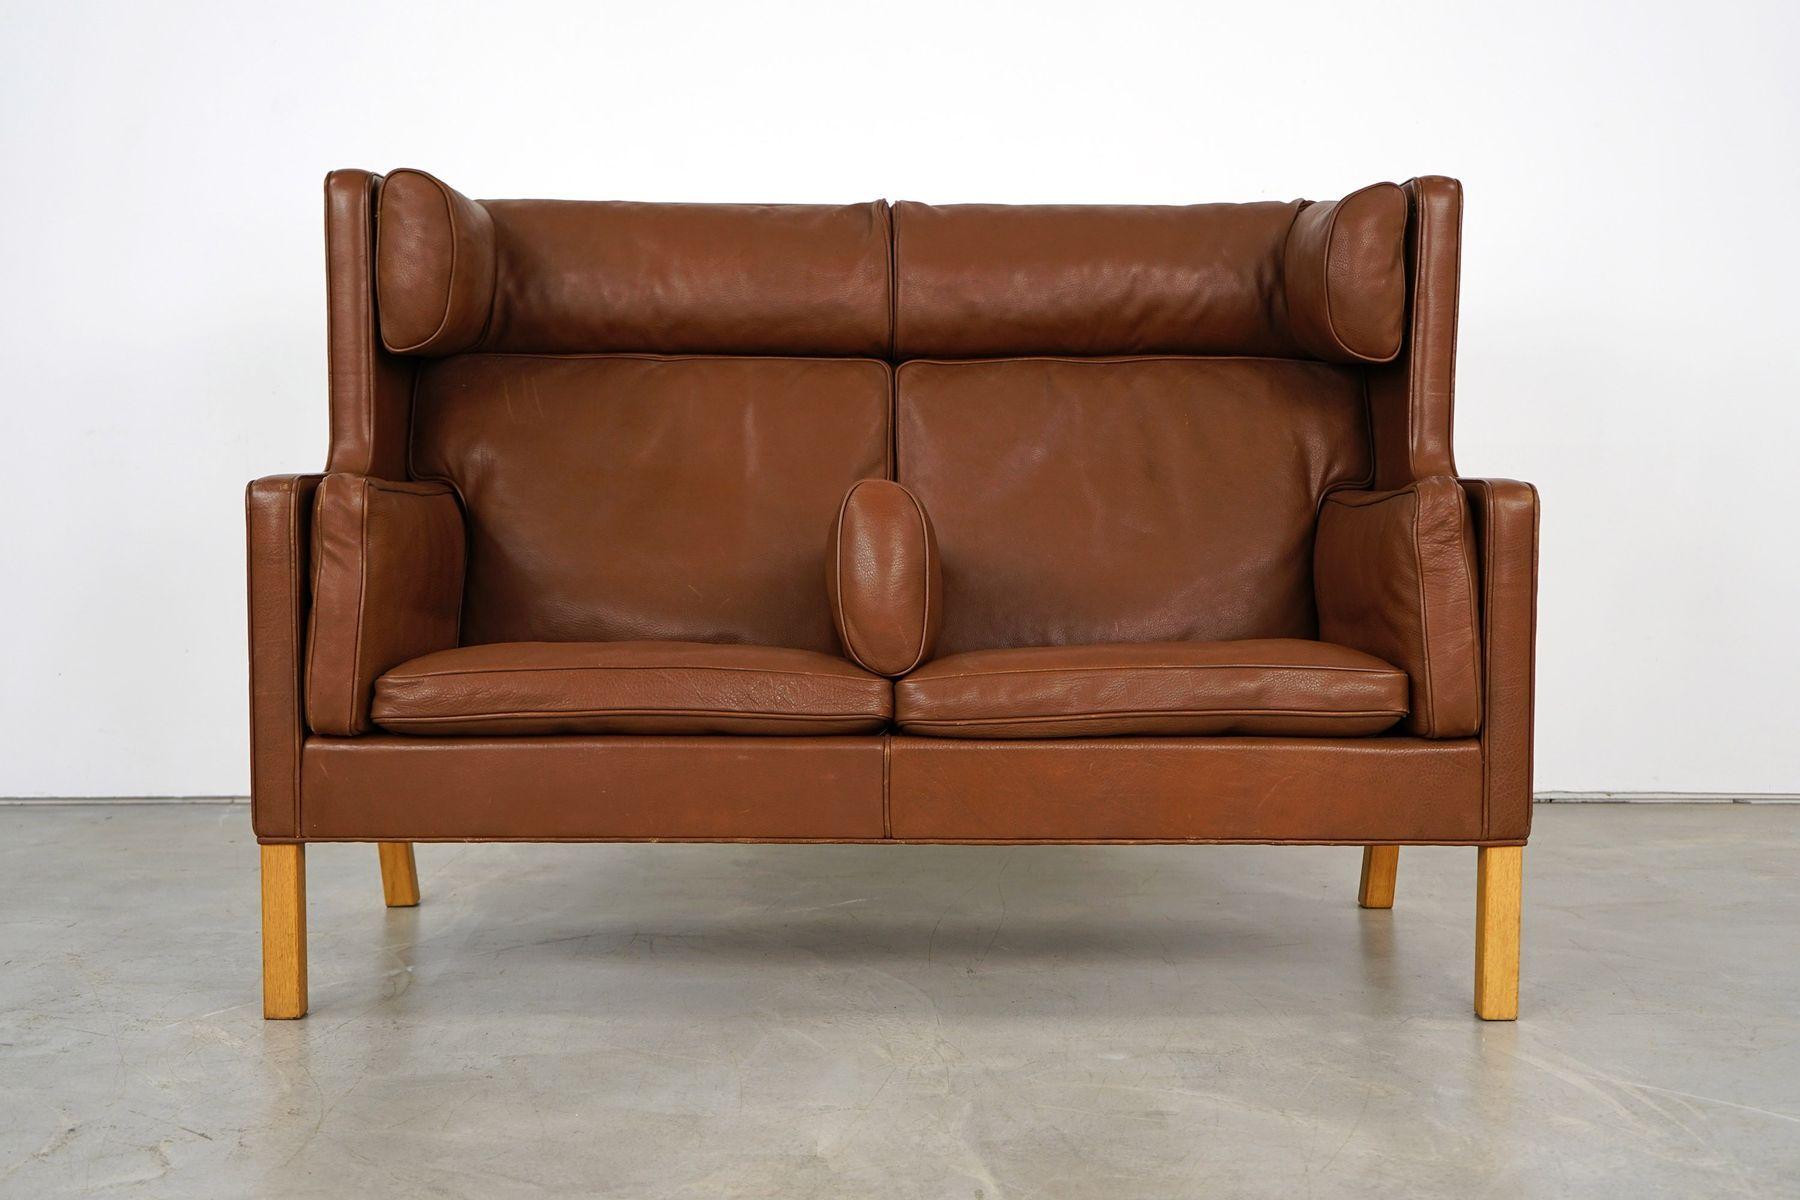 Full Size of 2 Sitzer Sofa Mit Relaxfunktion Gebraucht 5 Sitzer   Grau 196 Cm Breit 5 Leder 2 Sitzer City Integrierter Tischablage Und Stauraumfach Elektrisch Sofa 2 Sitzer Sofa Mit Relaxfunktion